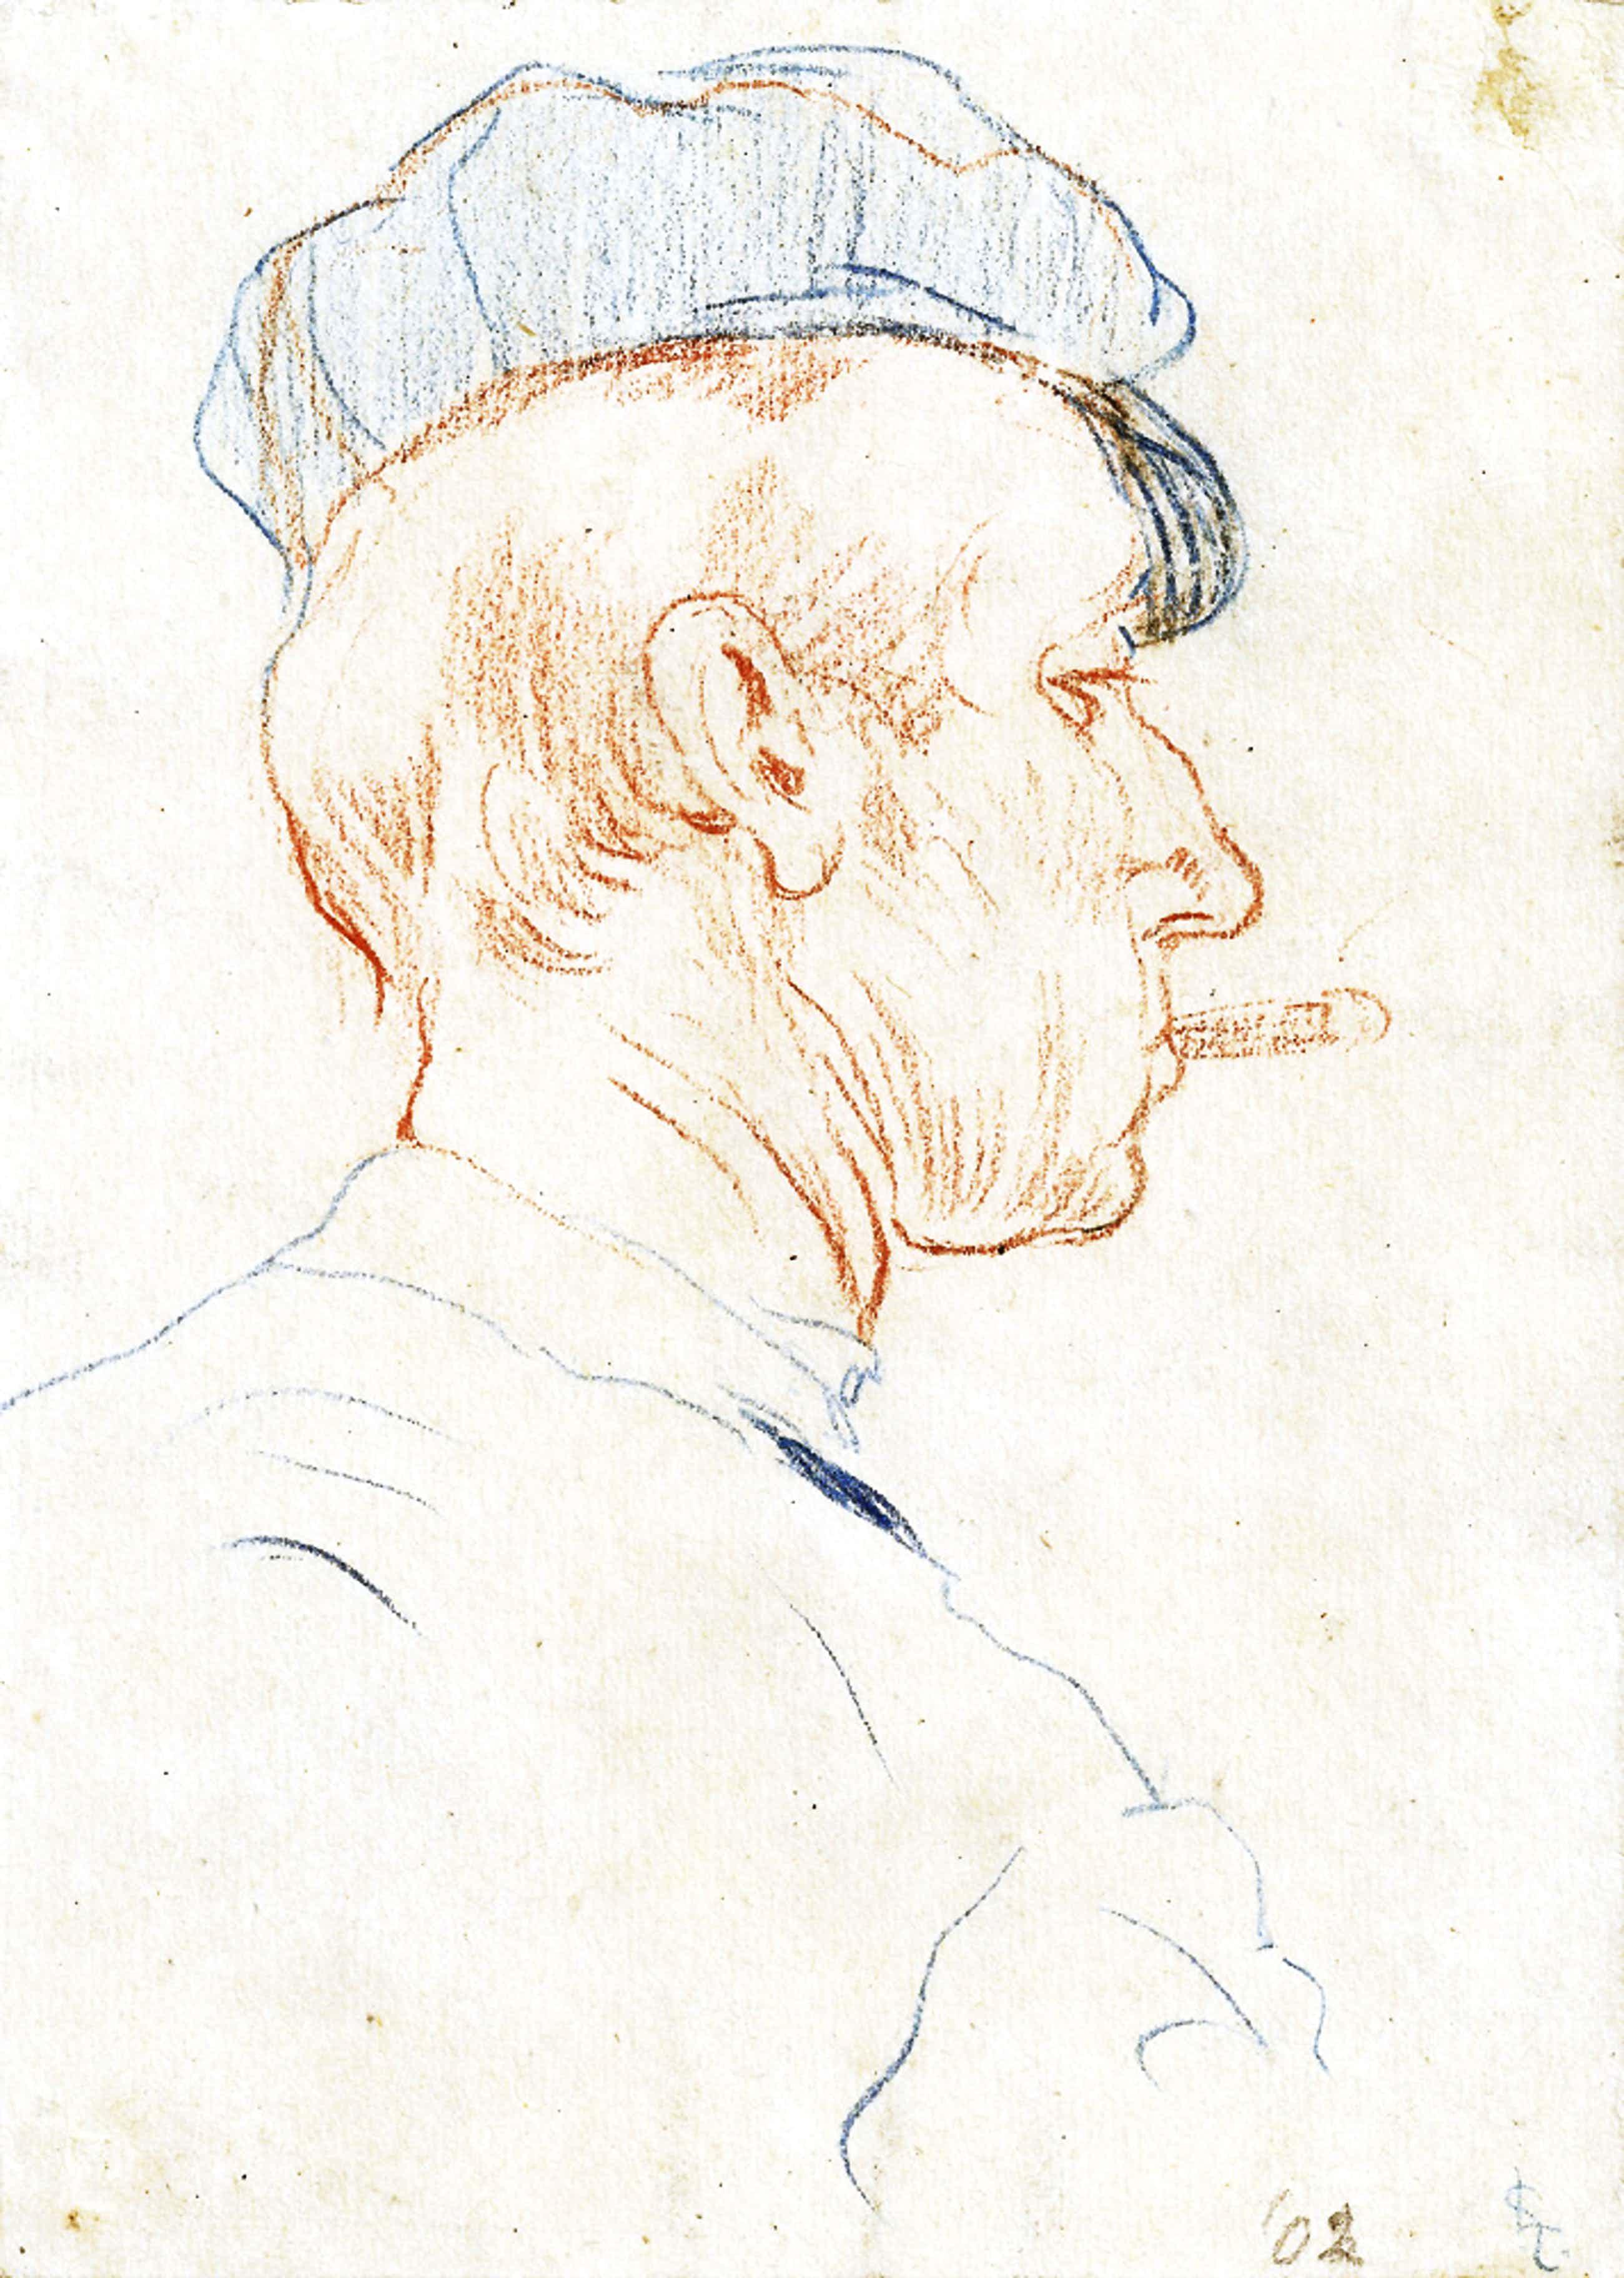 Leo Gestel - Hoofd van een man met pet en sigaret in de mond kopen? Bied vanaf 300!